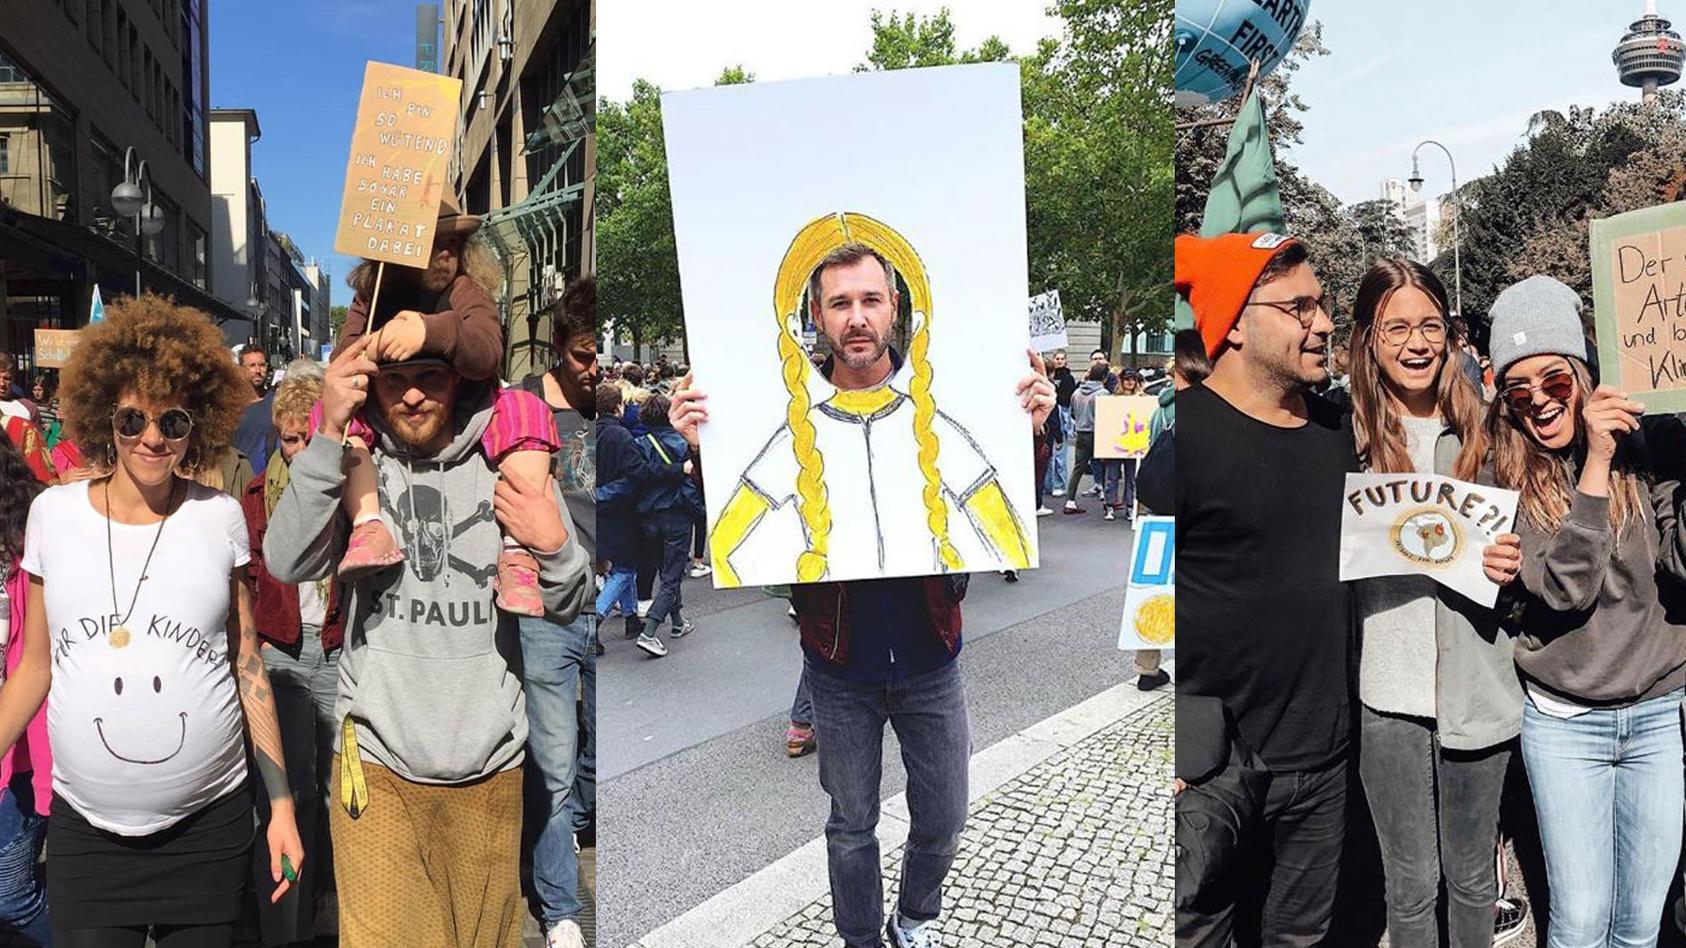 """""""Unter uns""""-Stars Joy Abiola-Müller und Patrick Müller (links) sowie Lars Steinhöfel, Josephine Becker und Sharon Berlinghoff gehen in Köln auf die Straße. Jochen Schropp ist in Berlin als Greta Thunberg unterwegs."""